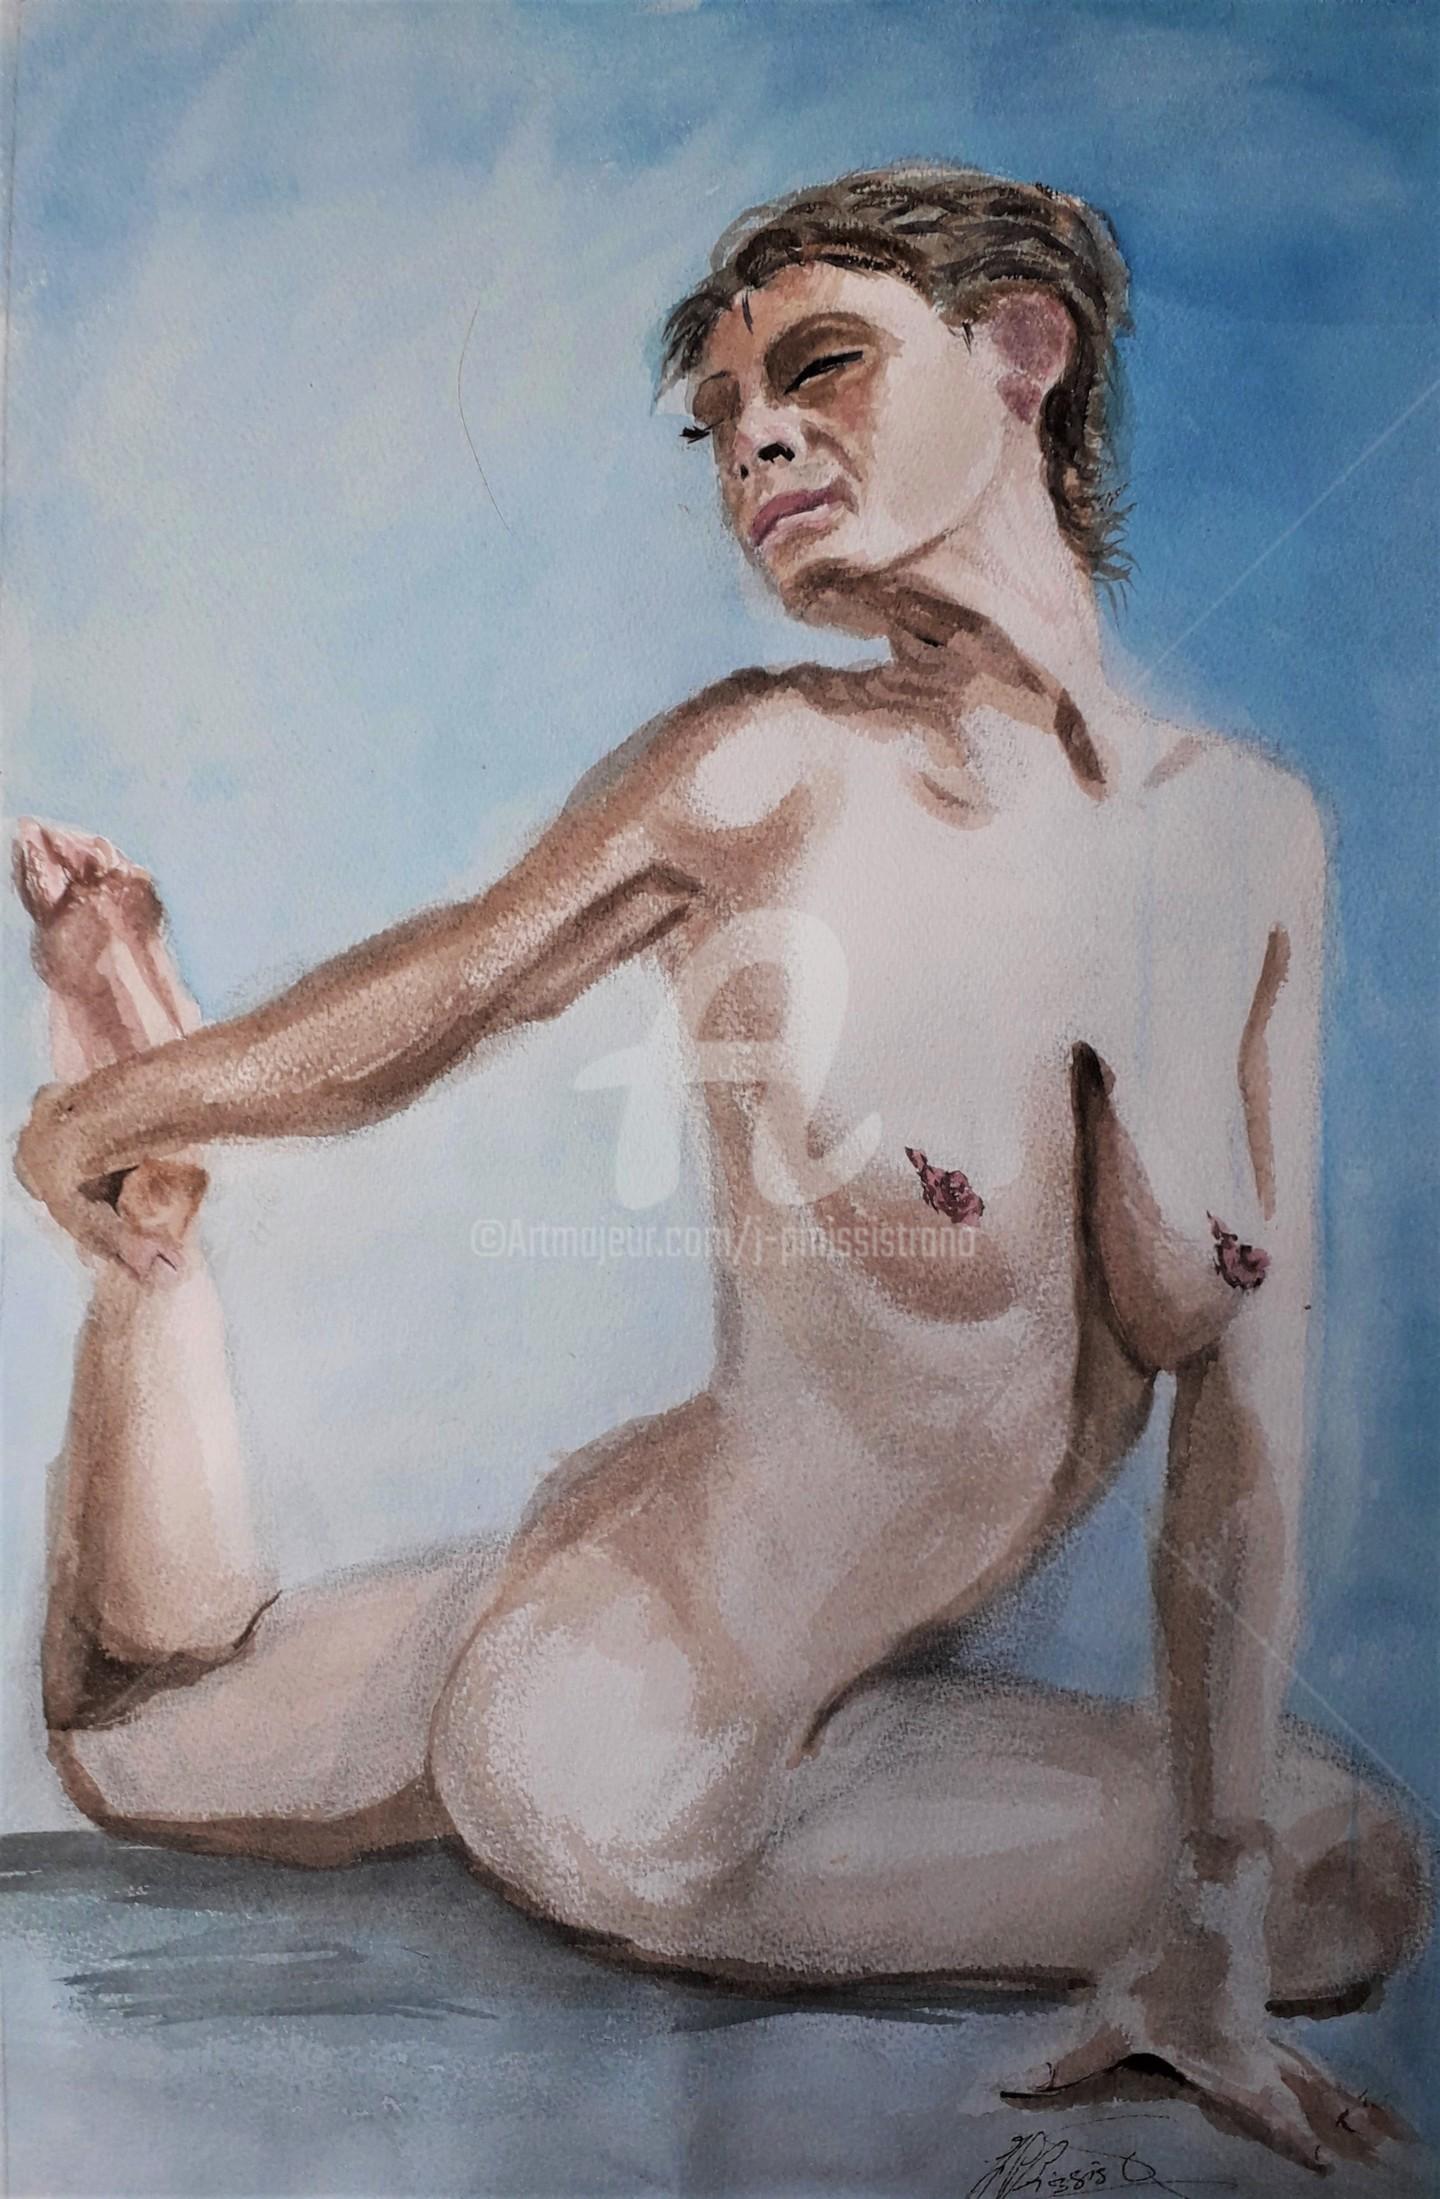 """Jean-Pierre Missistrano - """"Un être fort, en un corps souple"""""""